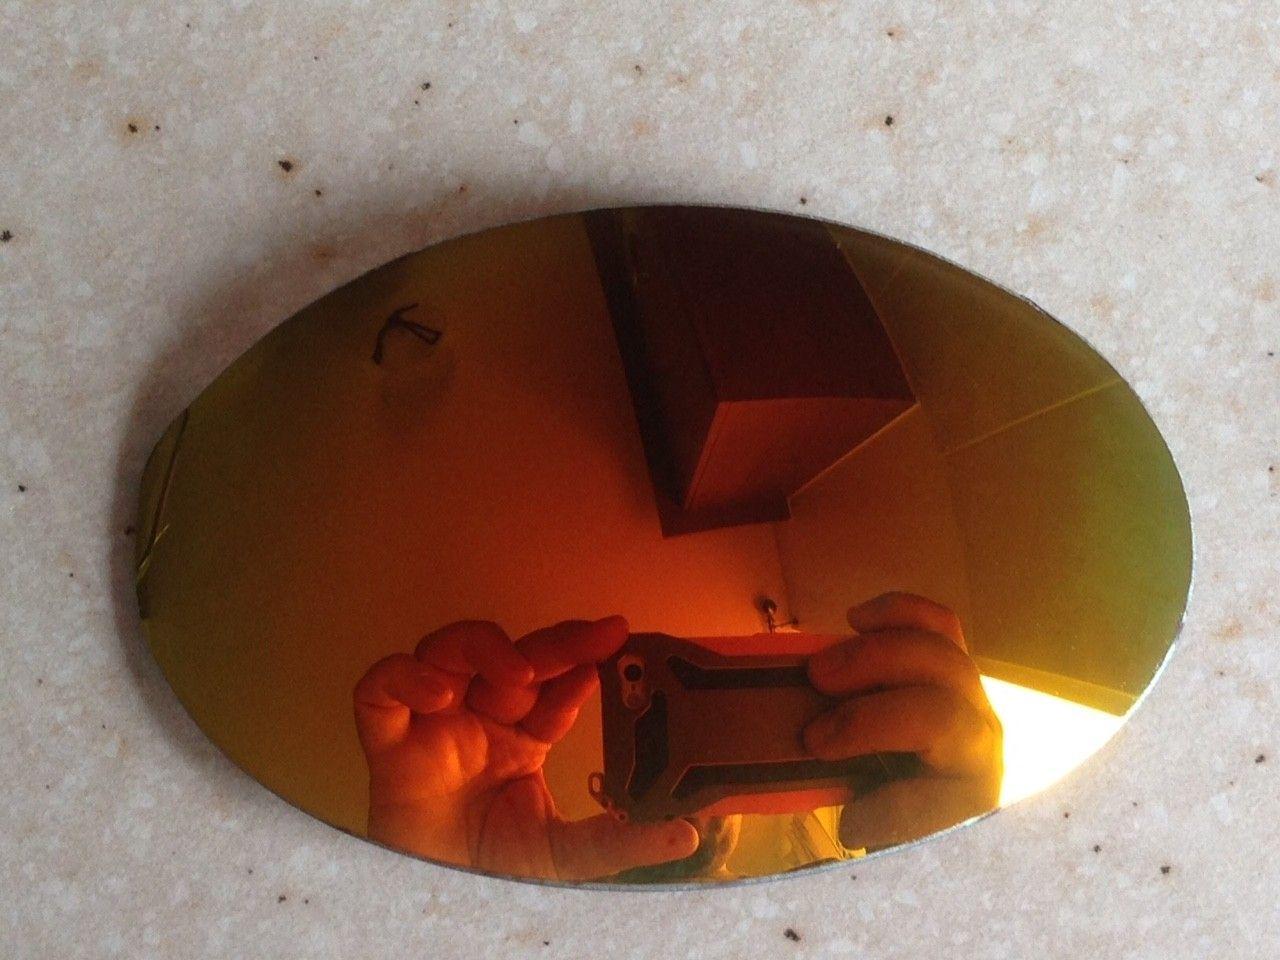 Romeo 1 Fire Iridium Lenses  *Price Lowered* !!! - IMG_7788.JPG